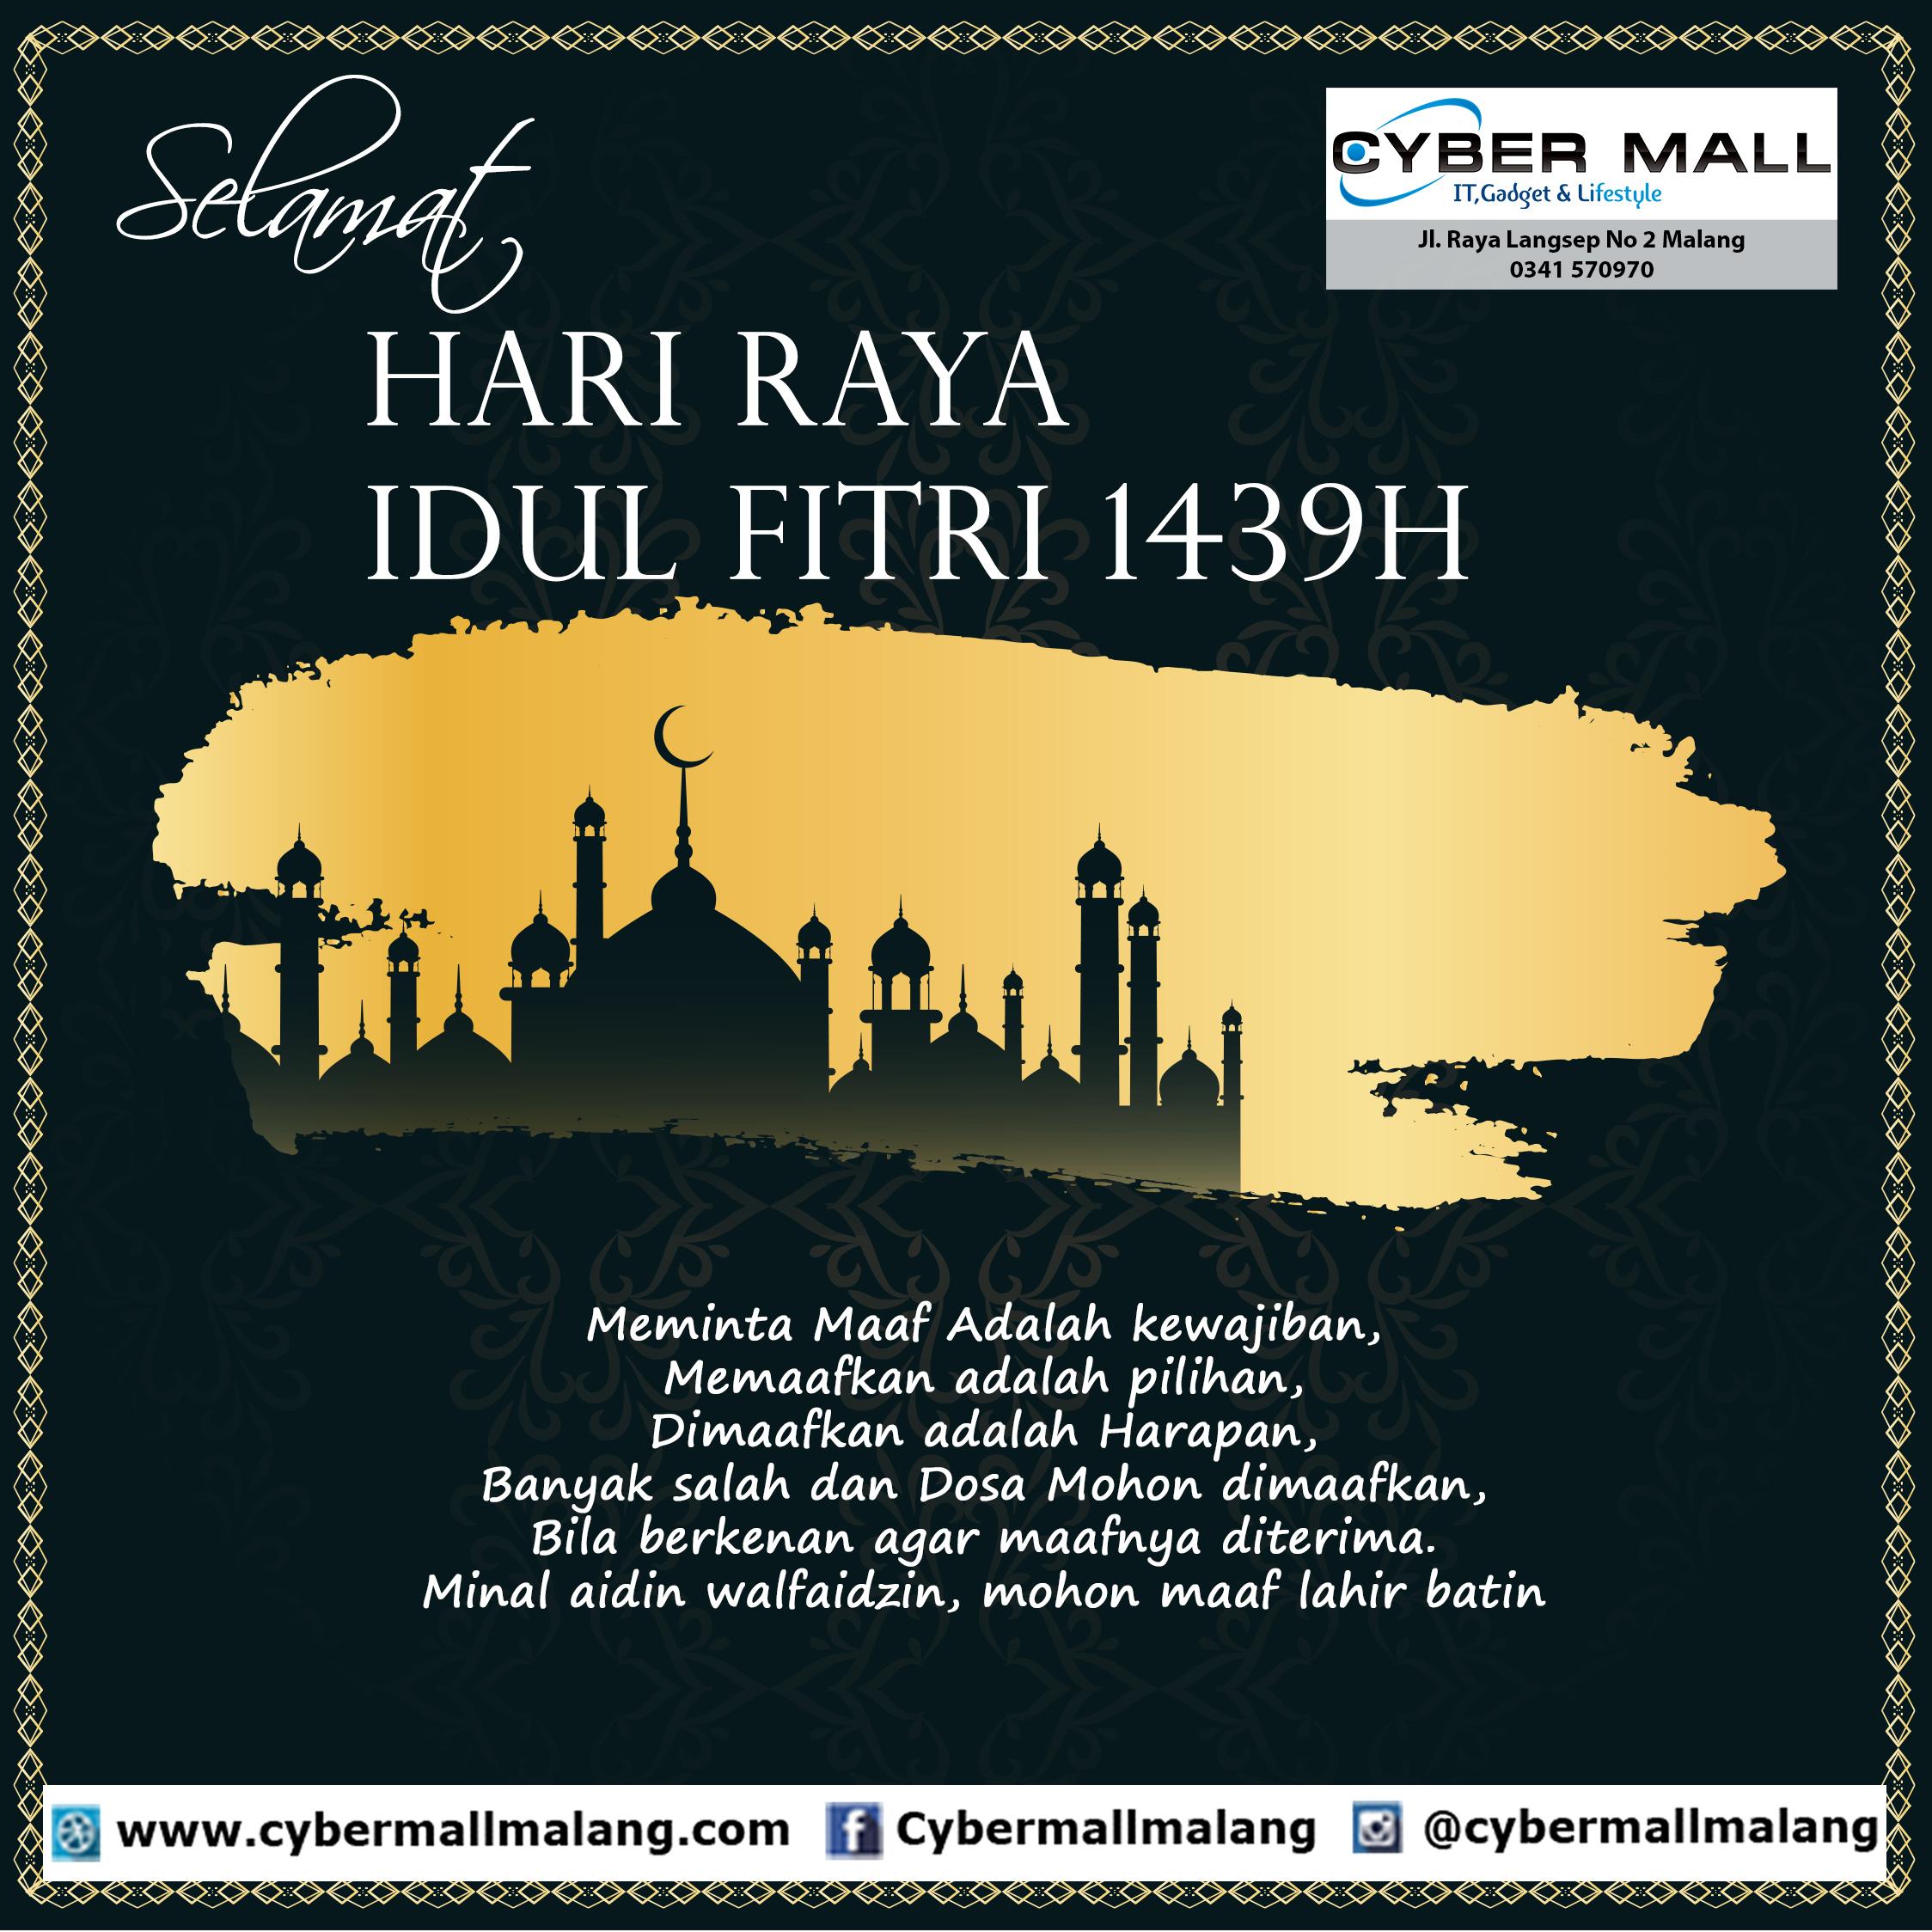 Selamat Hari Raya Idul Fitri: Selamat Hari Raya Idul Fitri 1439H